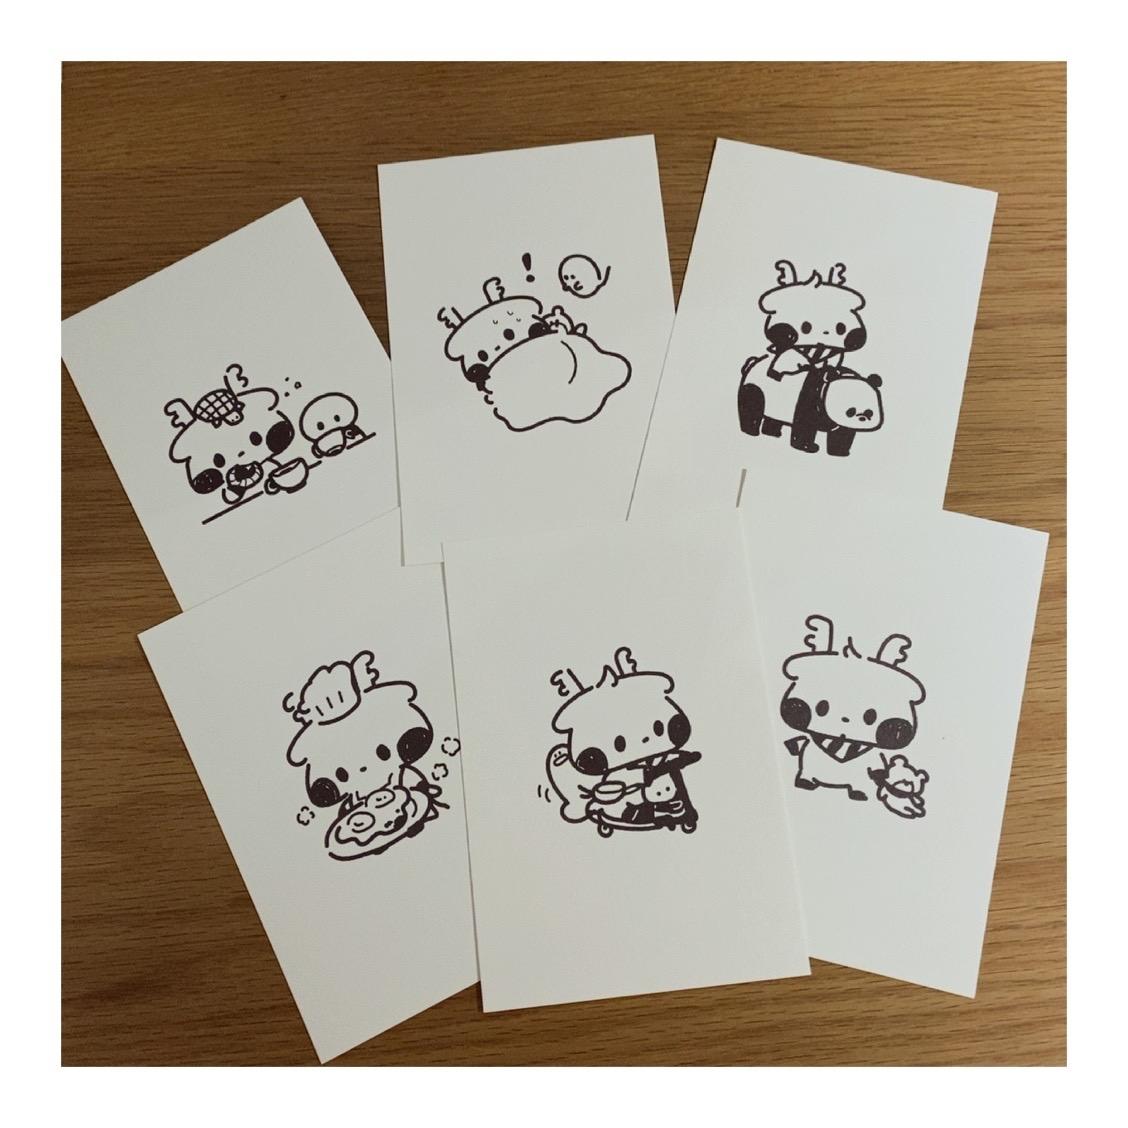 【ROKUHOME限定商品】ポストカード